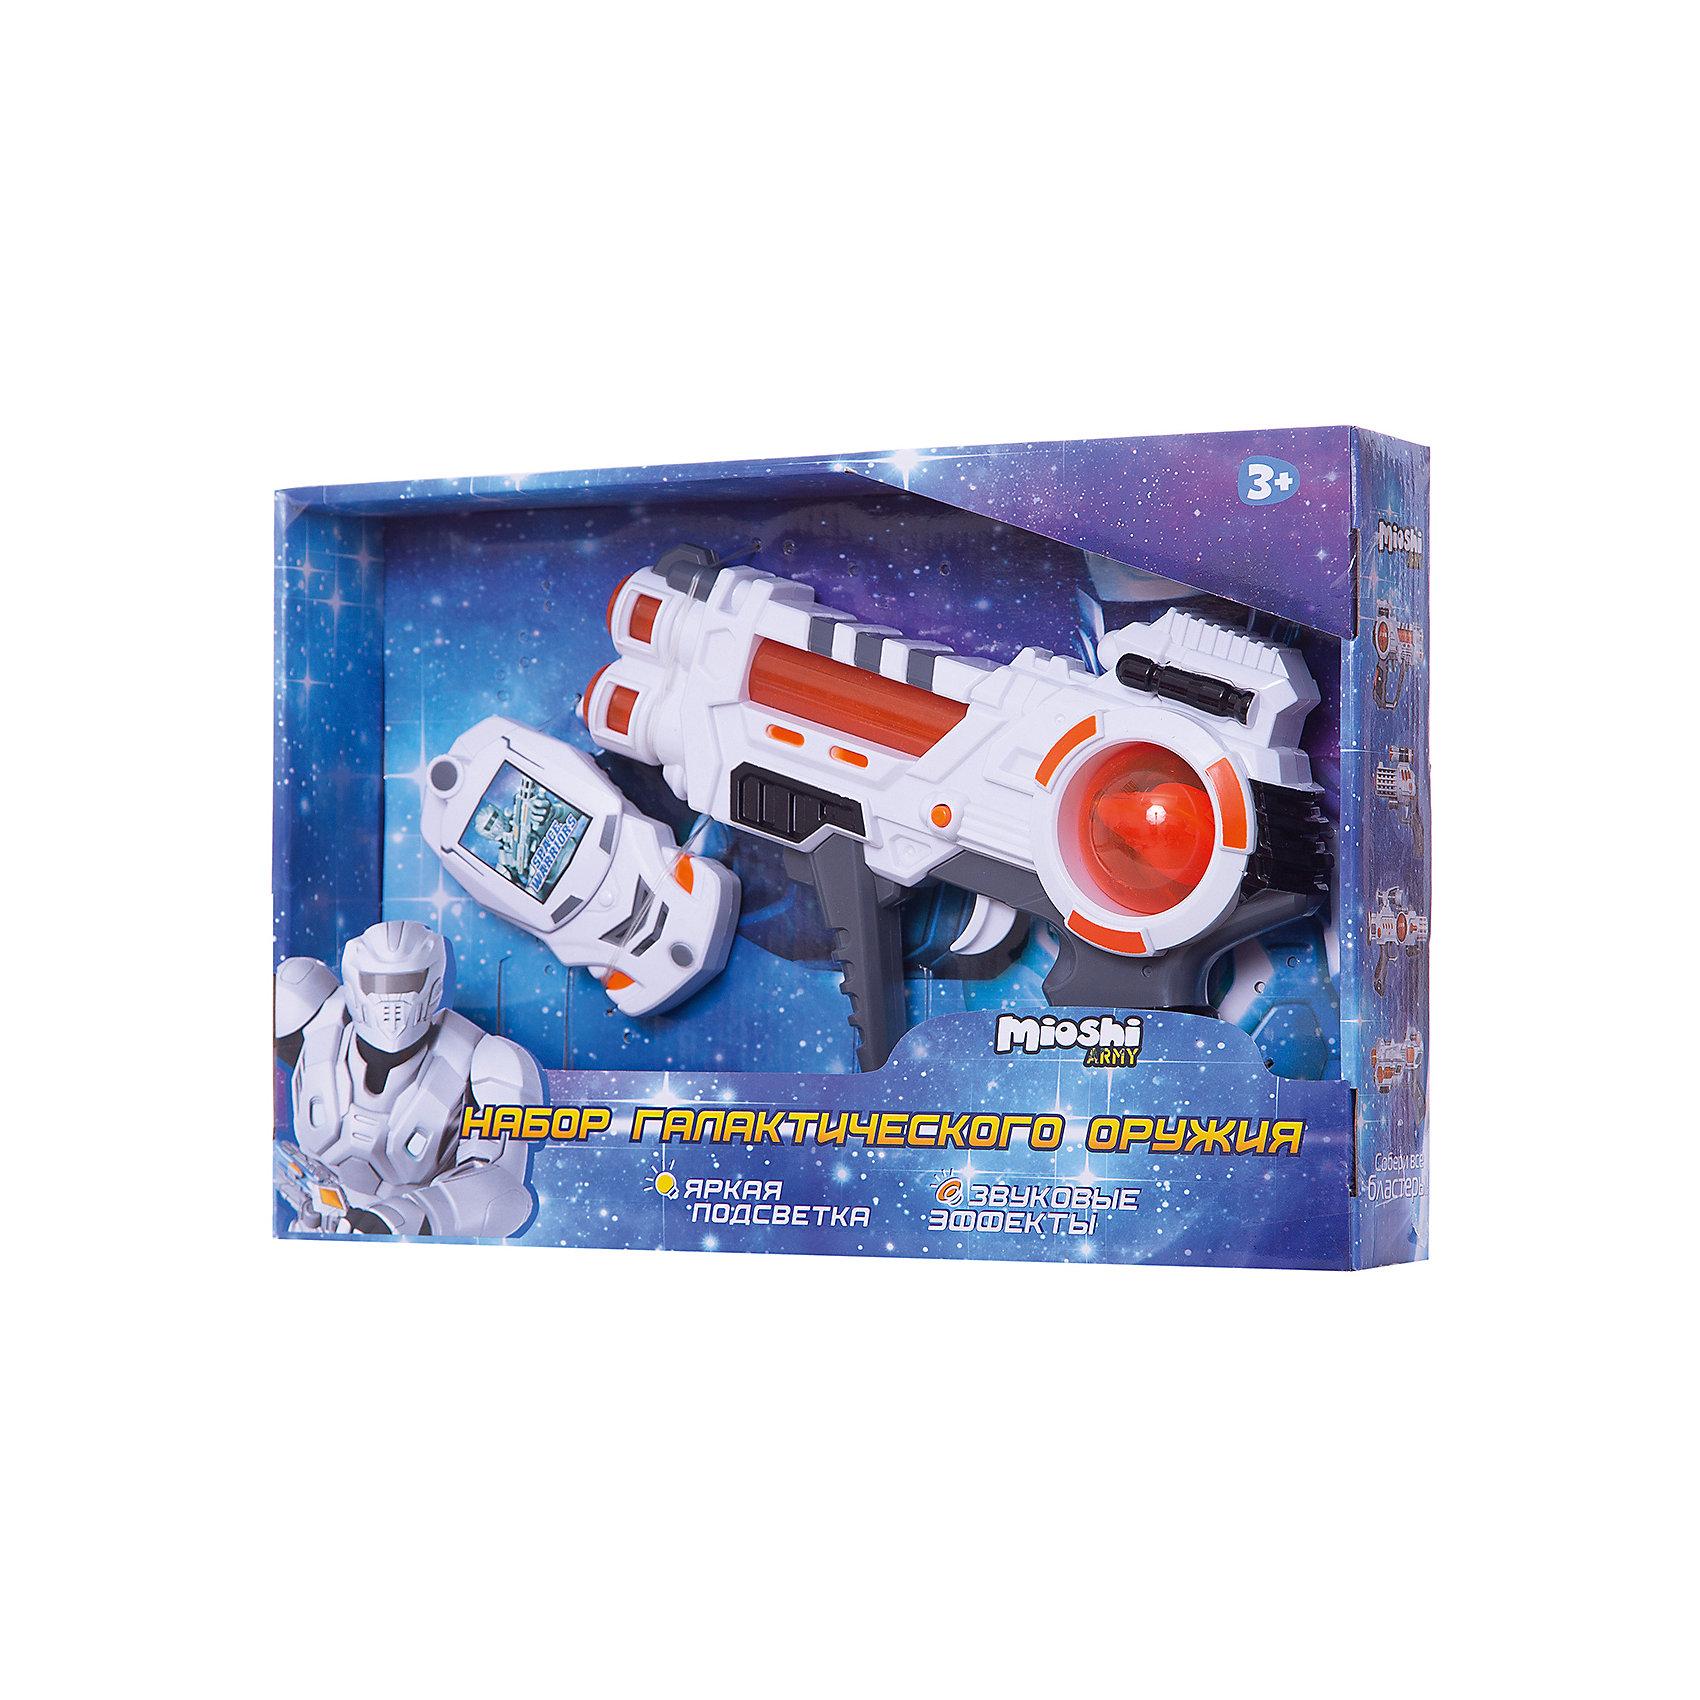 Игровой набор Галактическая миссия, Mioshi ArmyИгрушечное оружие<br><br><br>Ширина мм: 330<br>Глубина мм: 220<br>Высота мм: 56<br>Вес г: 312<br>Возраст от месяцев: 36<br>Возраст до месяцев: 72<br>Пол: Мужской<br>Возраст: Детский<br>SKU: 5581232